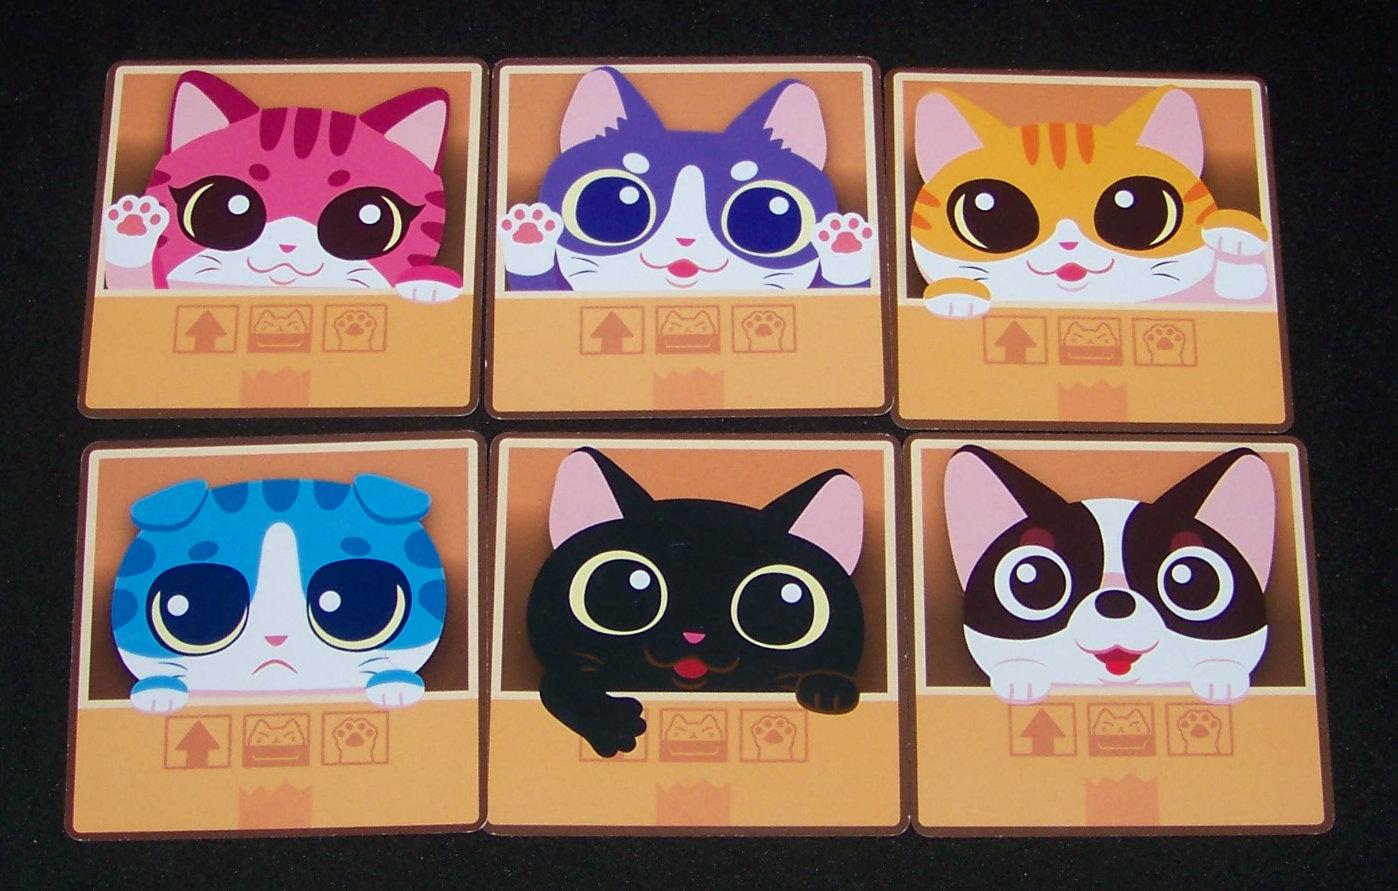 Juego de mesa Cat Box - roles.